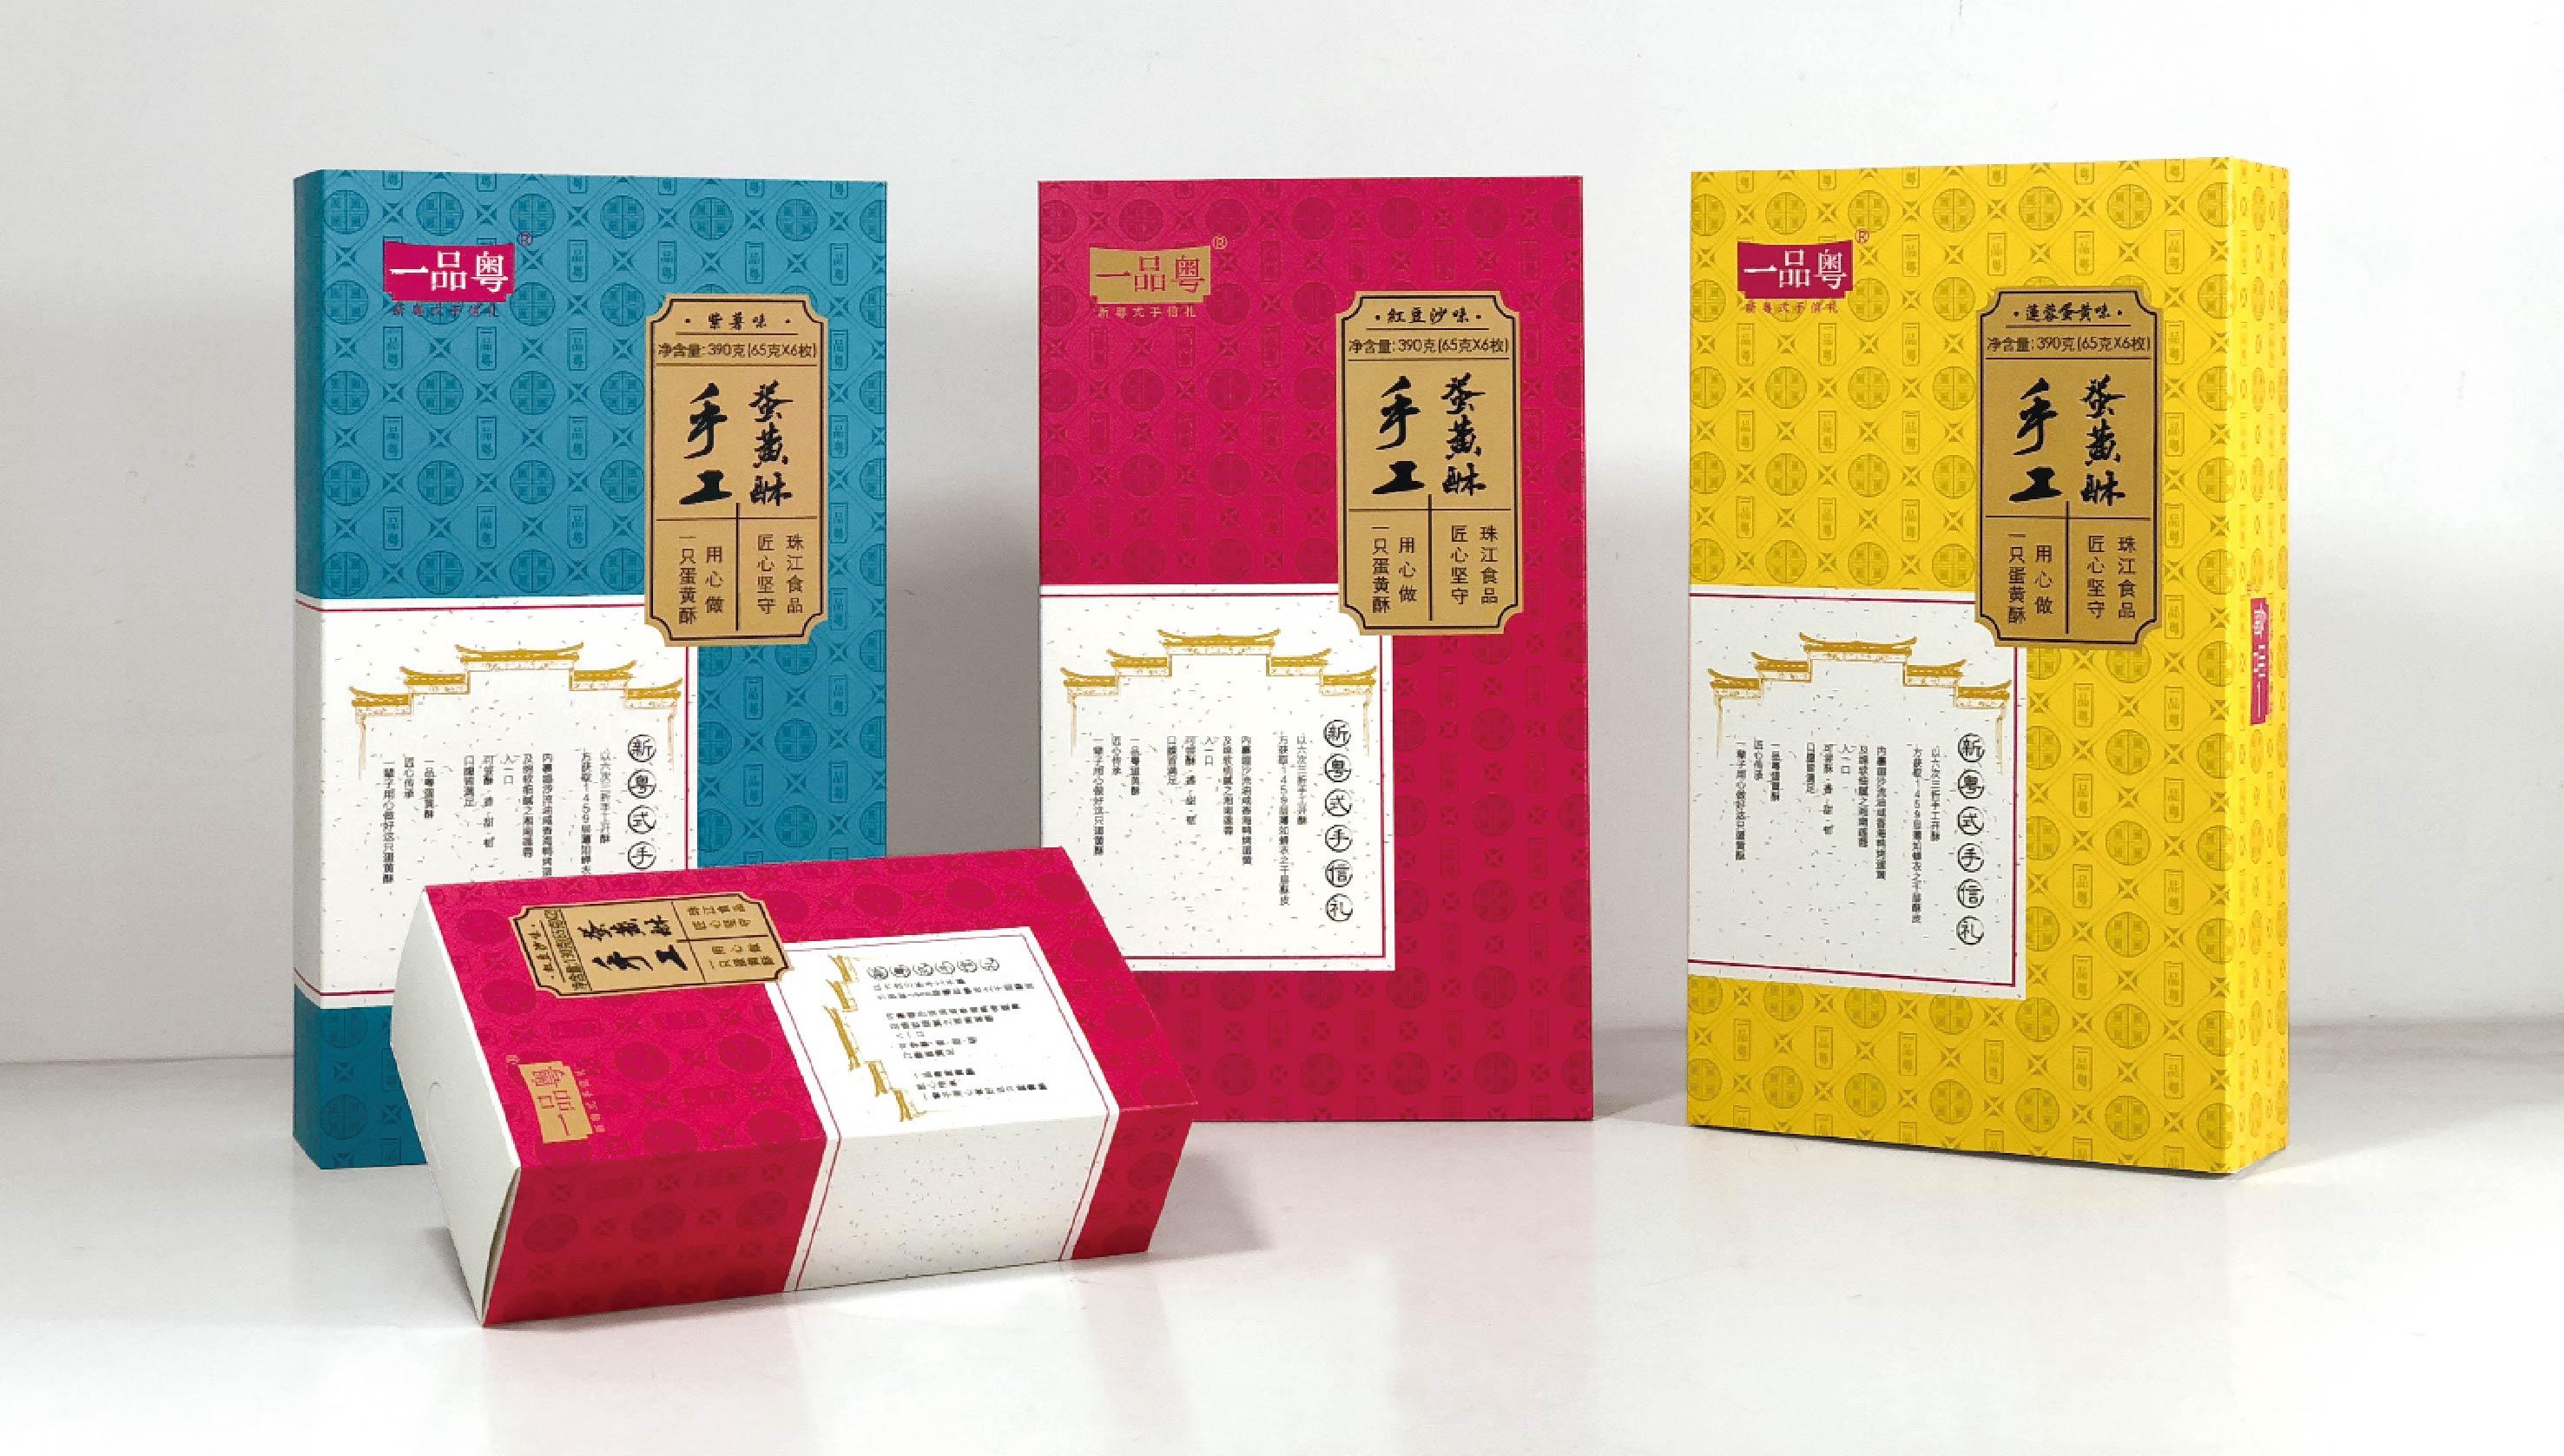 纸类彩盒印刷最具影响力的彩盒印刷企业-济南尚邦佳品包装制品有限公司